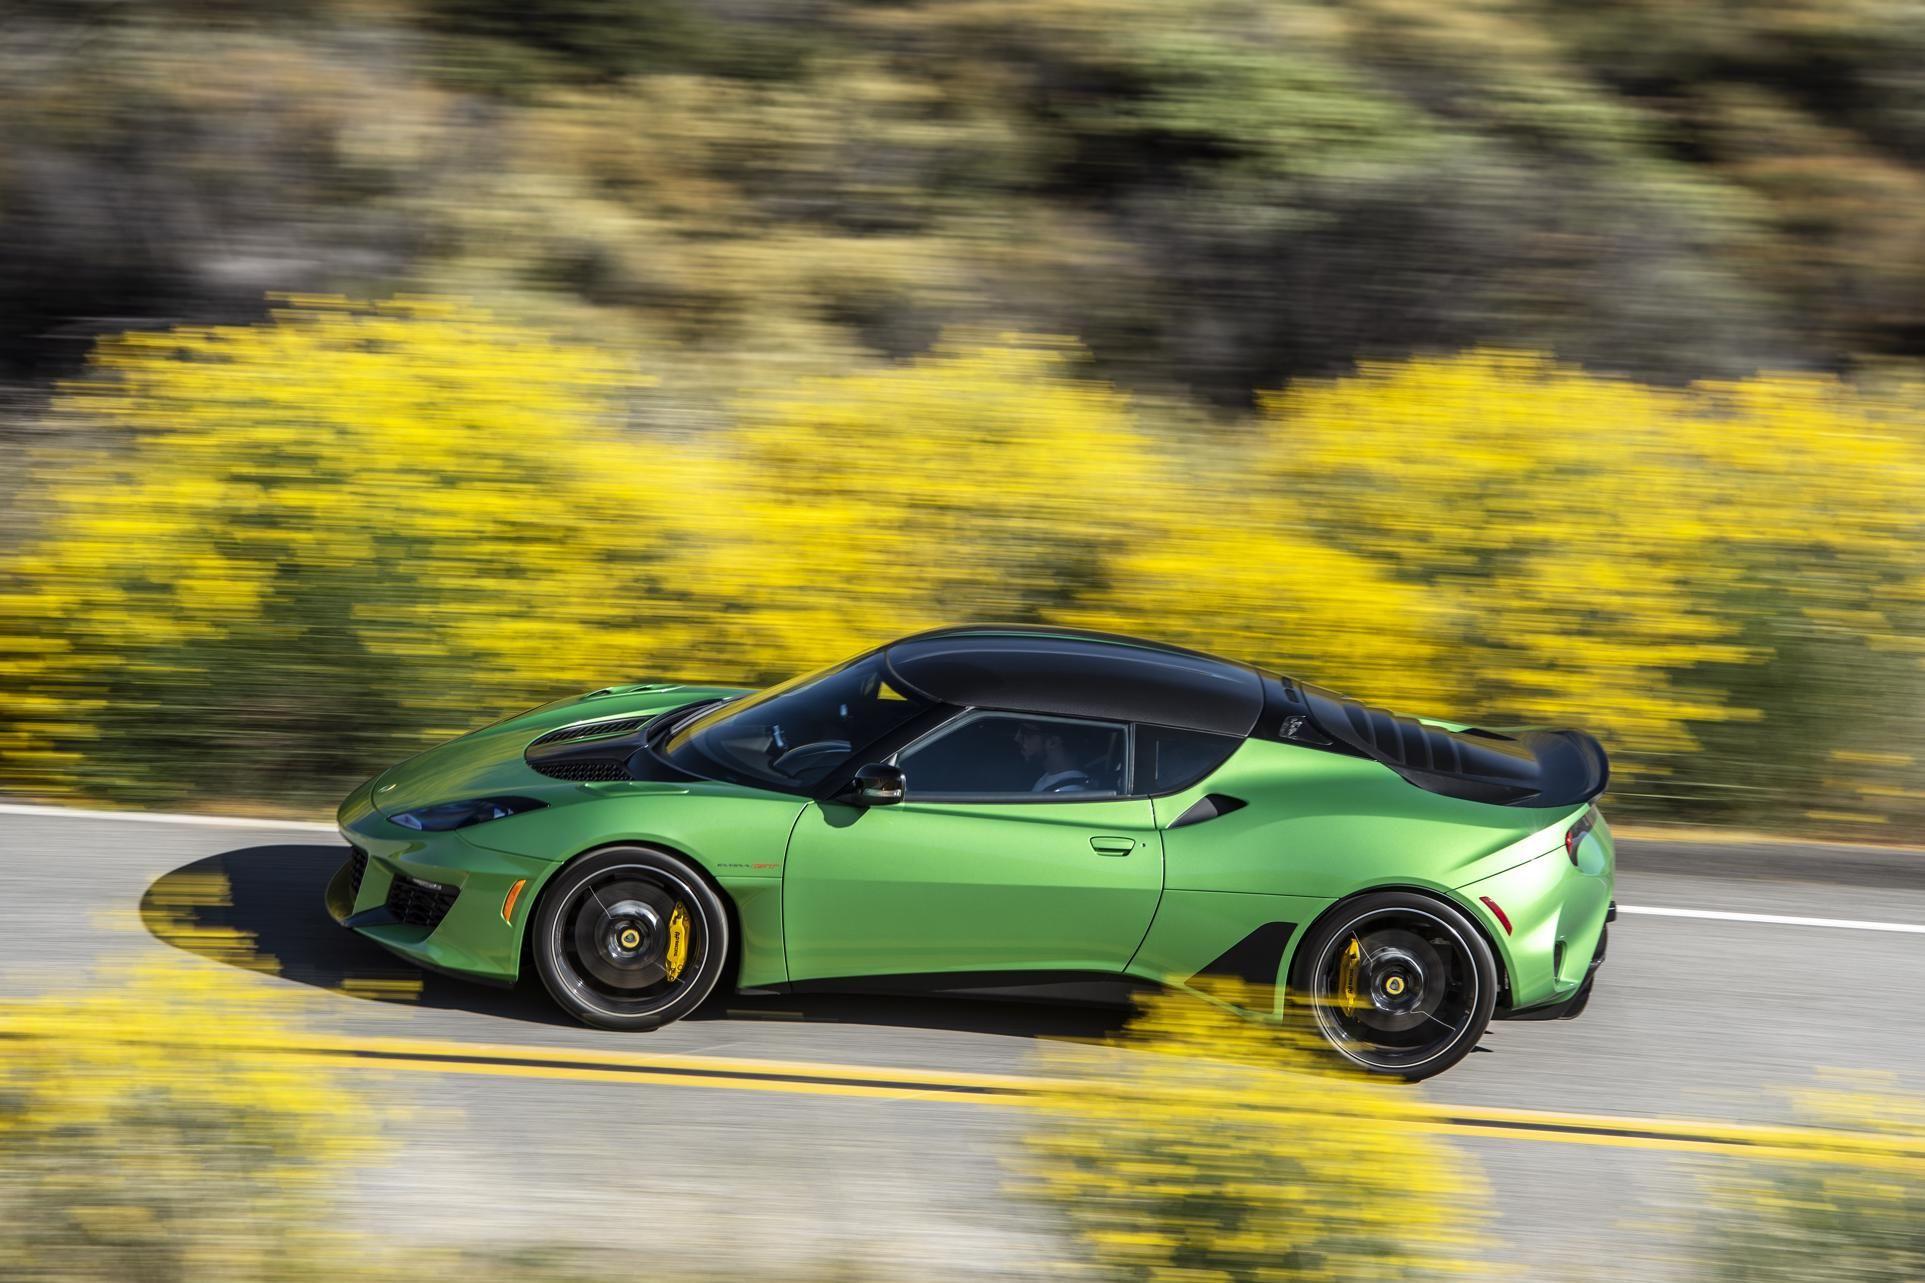 2020 Lotus Evora Gt Review The Anti Modern Sports Car Cool Sports Cars Sports Car Car